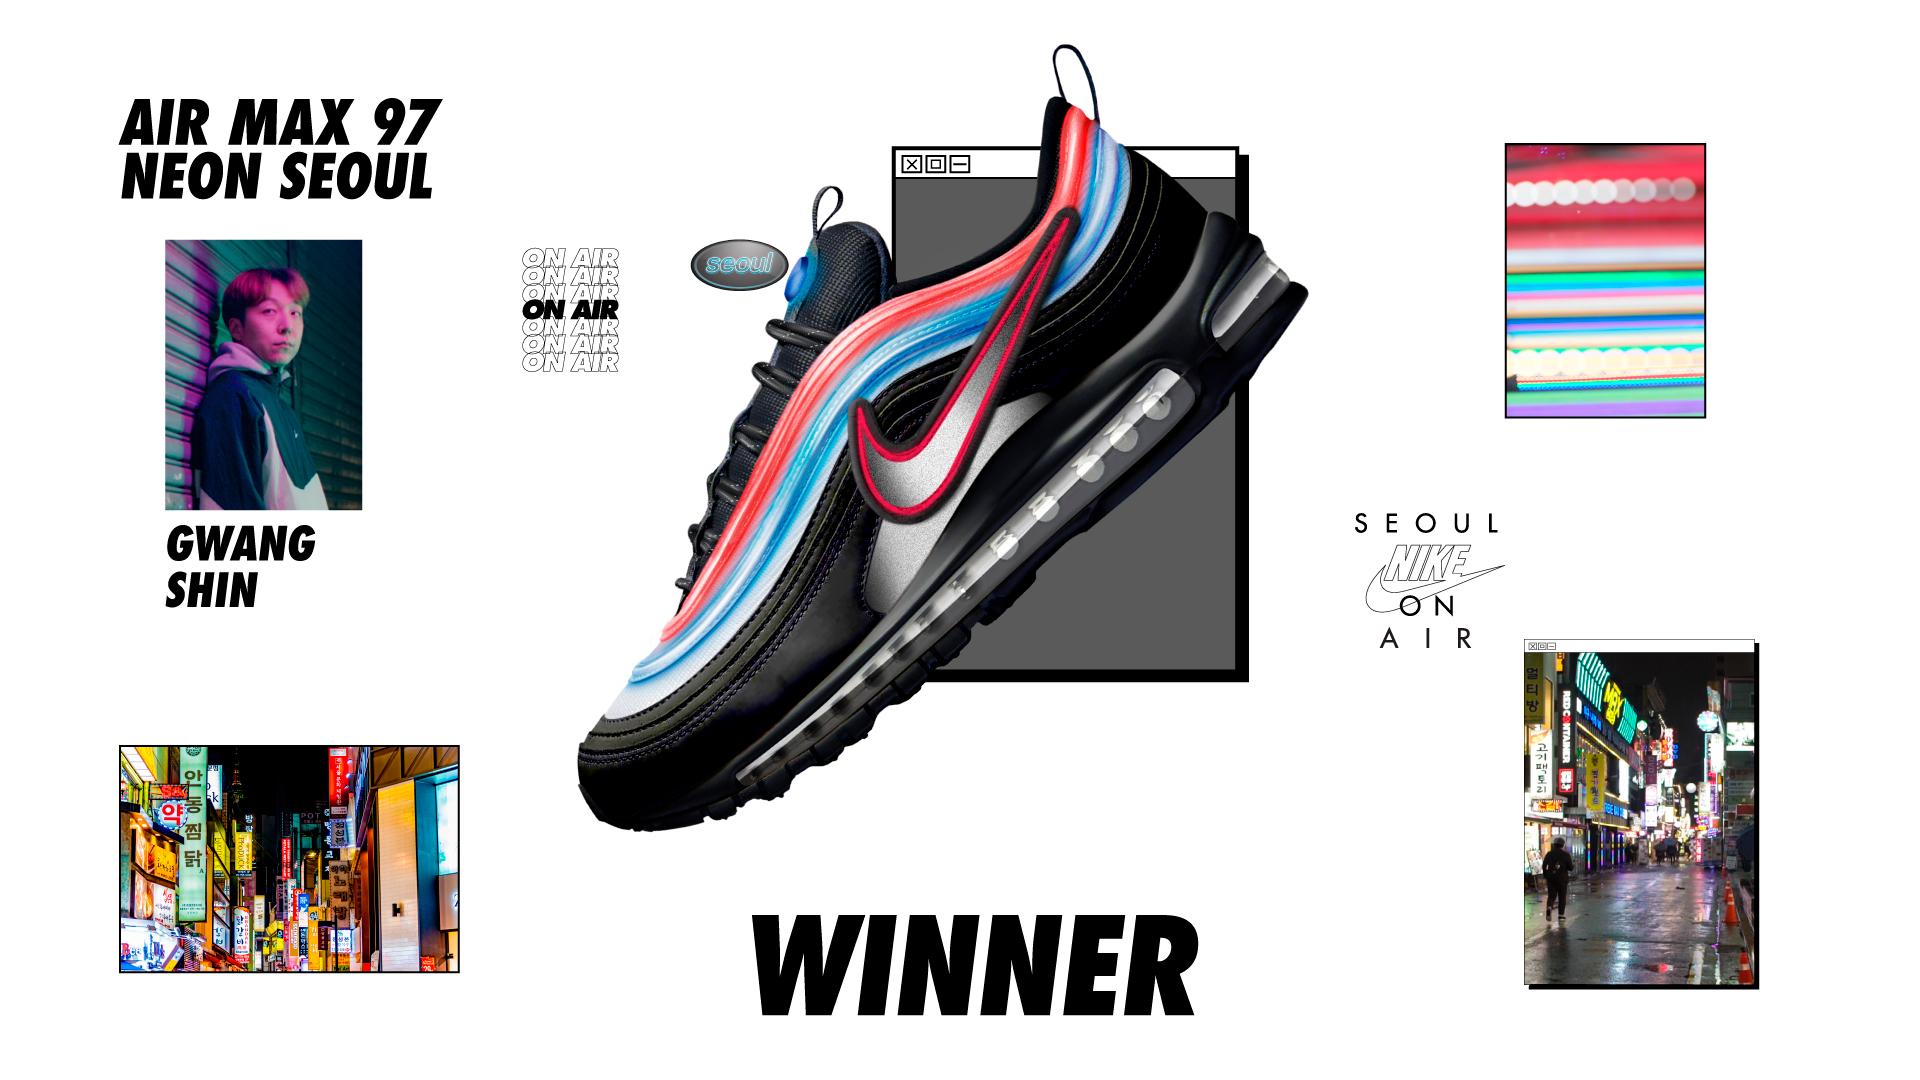 nike on air winners air max 97 neon gwang shin